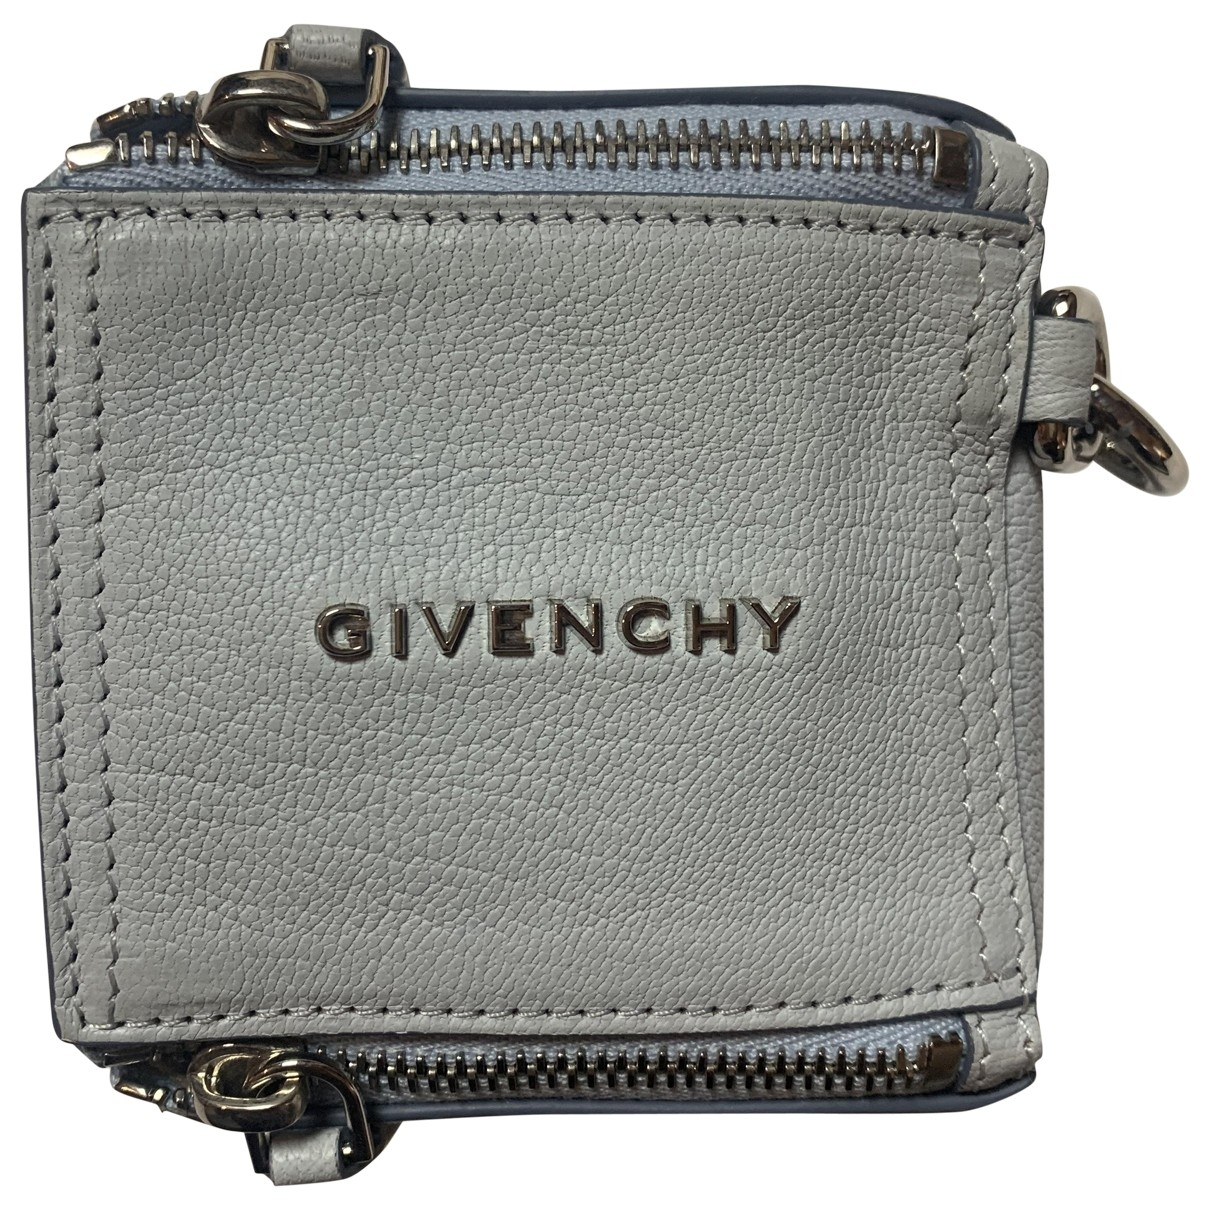 Givenchy - Pochette Pandora Box pour femme en cuir - bleu